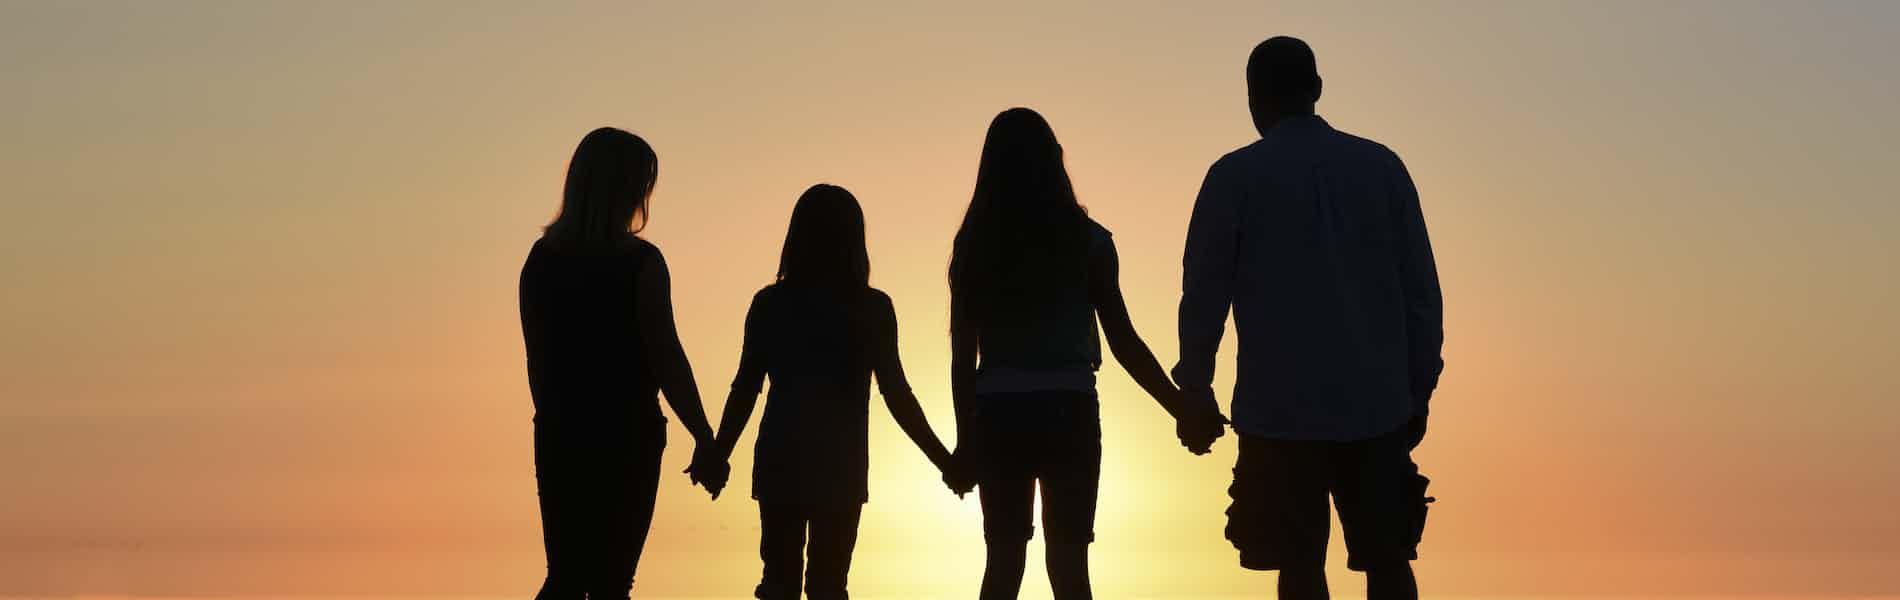 טיפול משפחתי במצב של איום מתמשך: התערבויות בזמני חירום ובזמנ